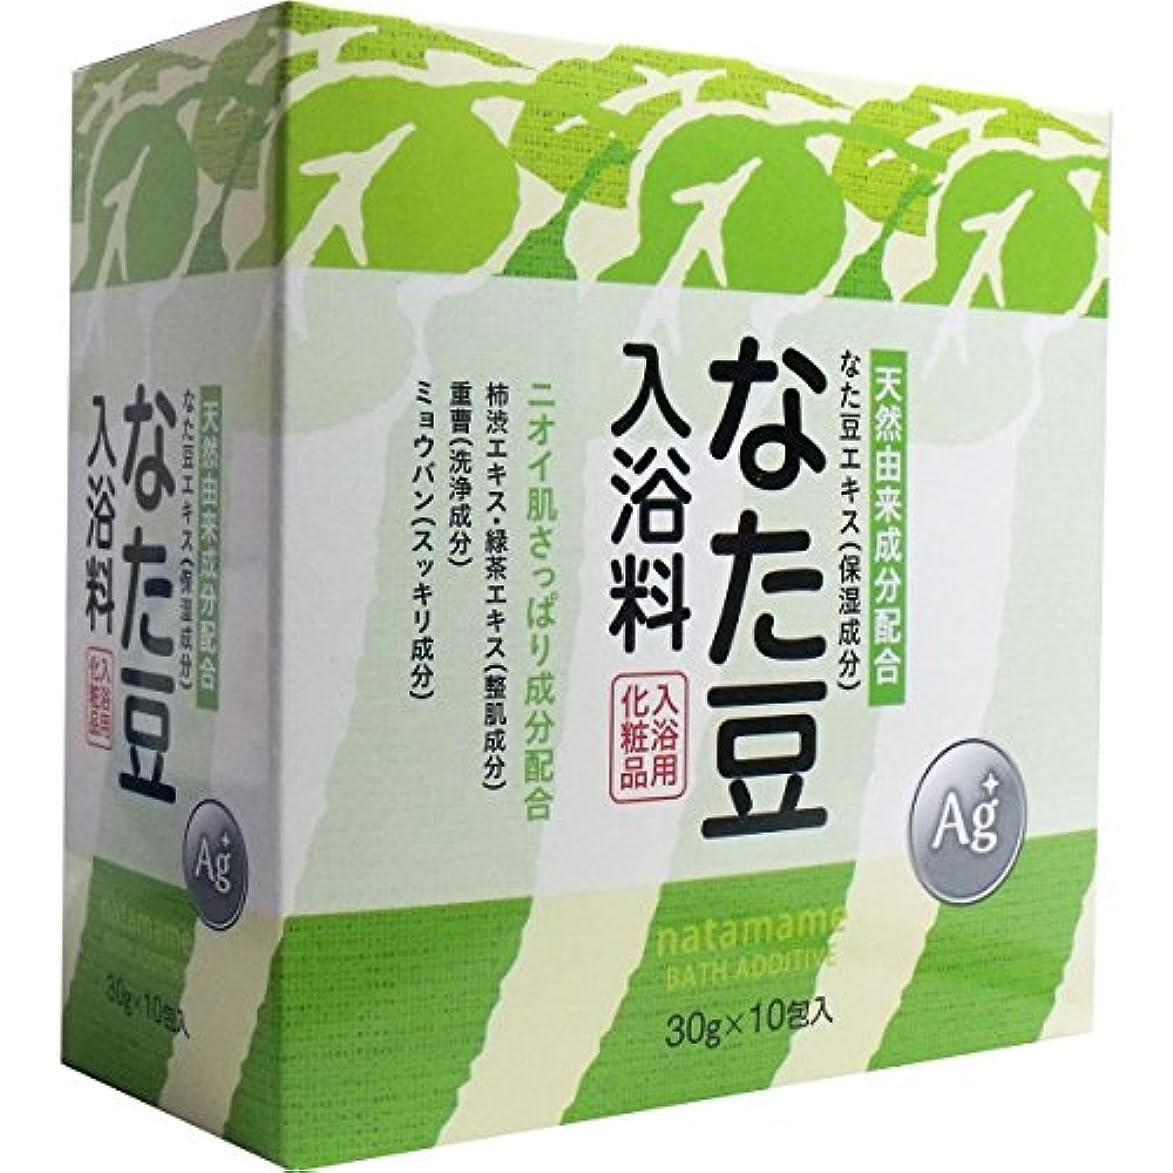 岩コメントこねるなた豆入浴料 入浴用化粧品 30g×10包入×3